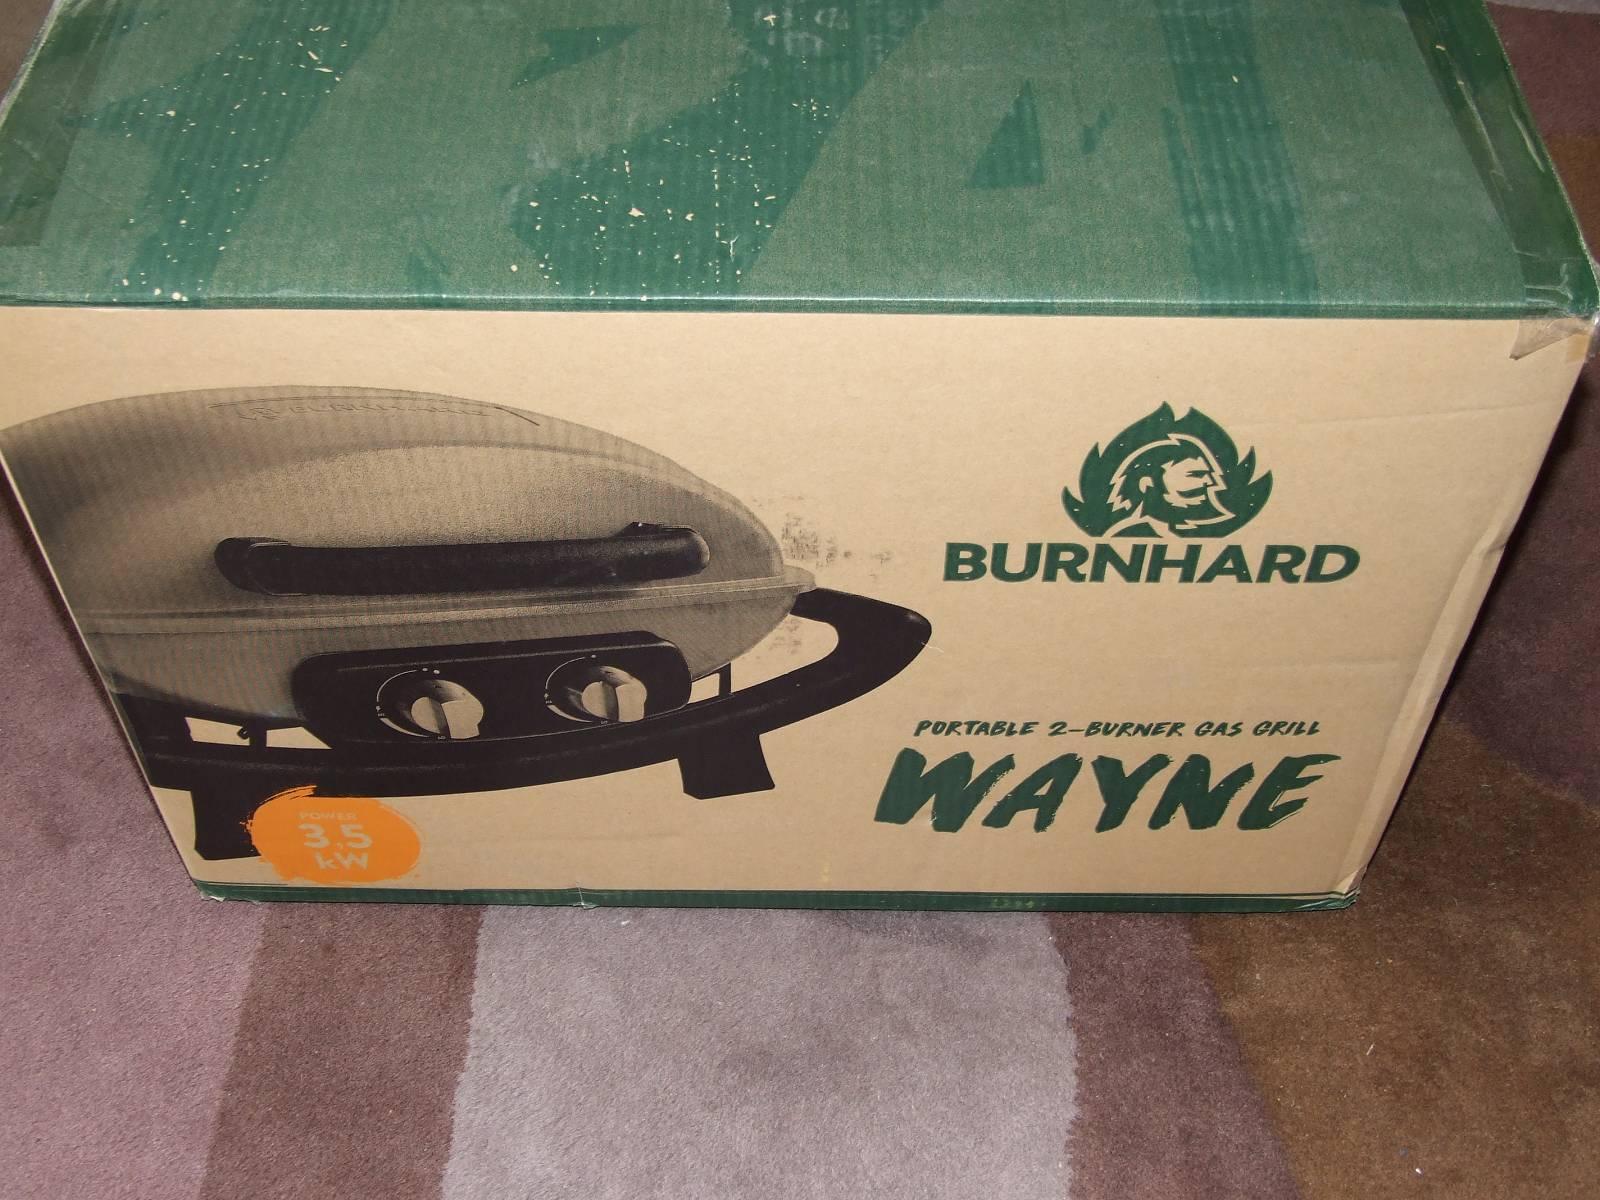 BurnhardWayne0001.jpg